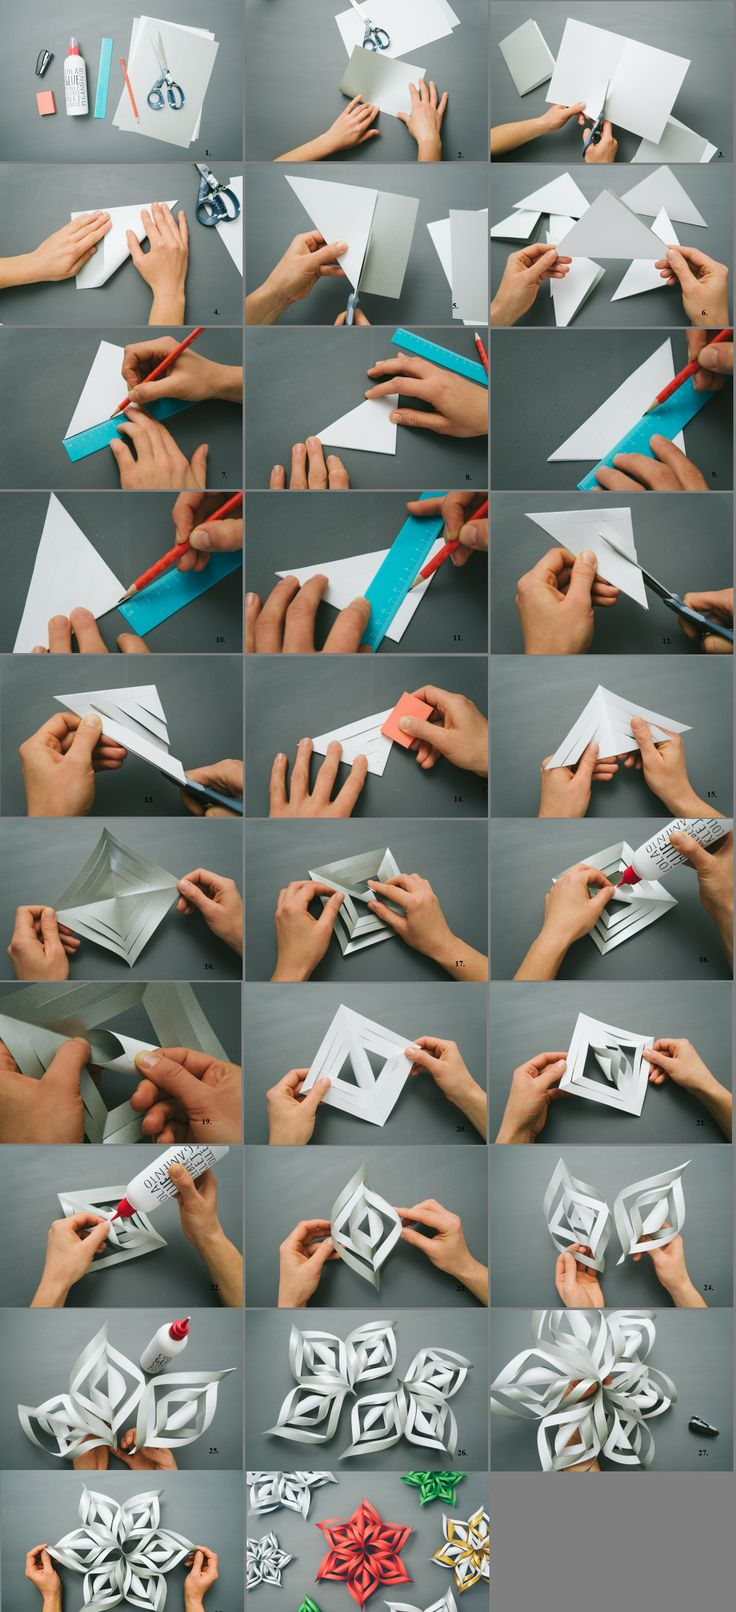 схема изготовления объемных снежинок и бумаги